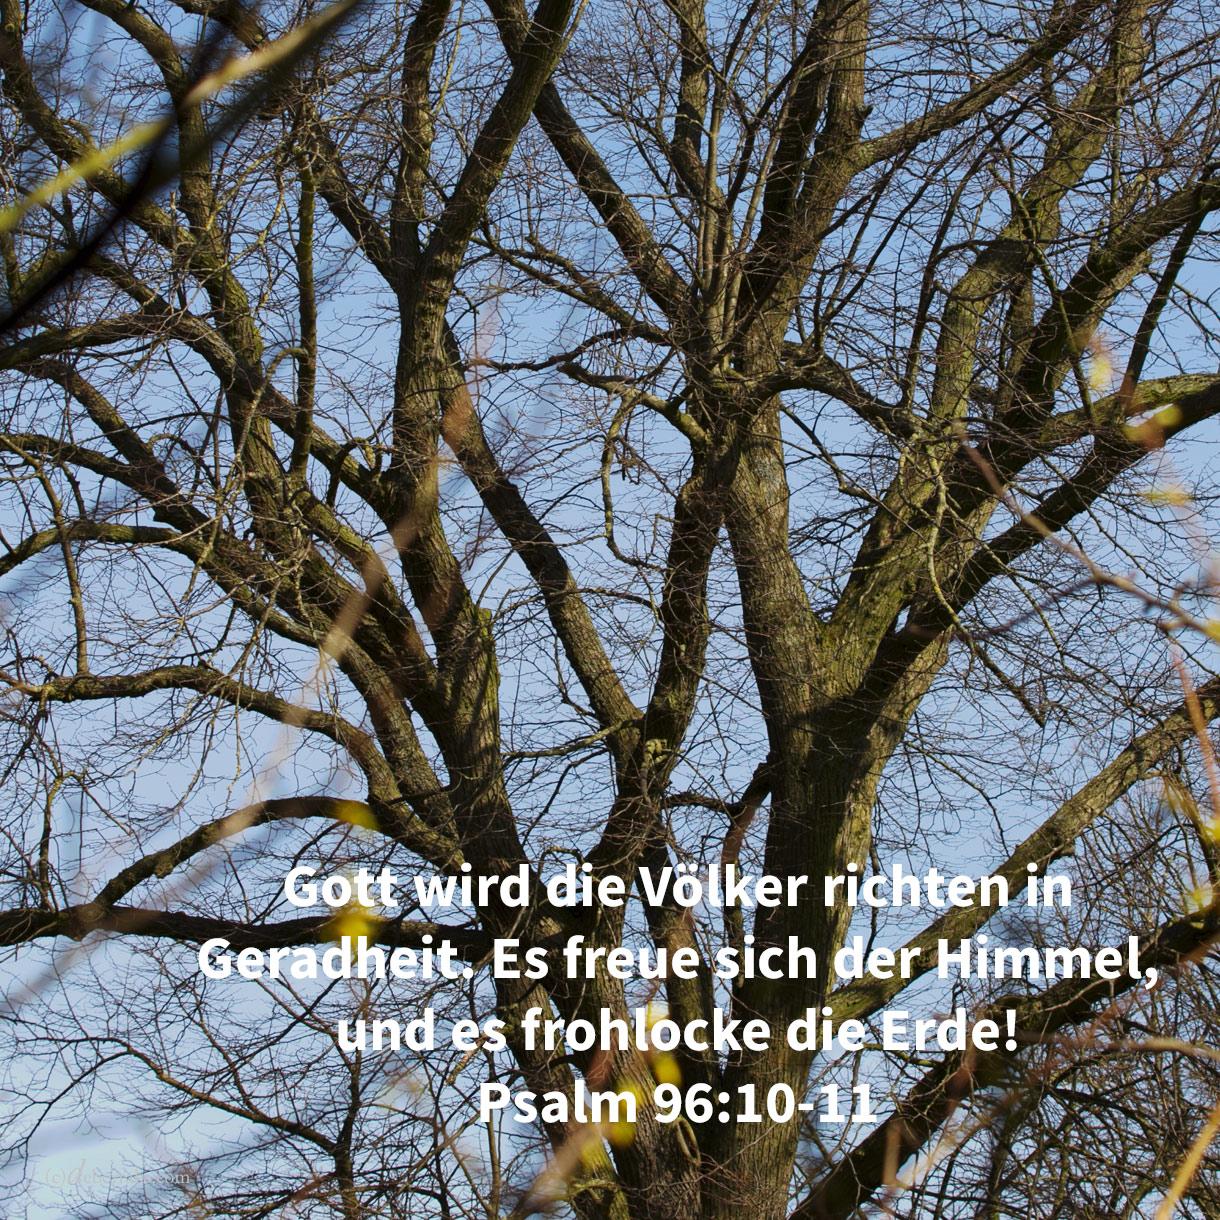 Jehova wird die Völker richten in Geradheit. Es freue sich der Himmel, und es frohlocke die Erde! ( Psalm 96,10-11 )